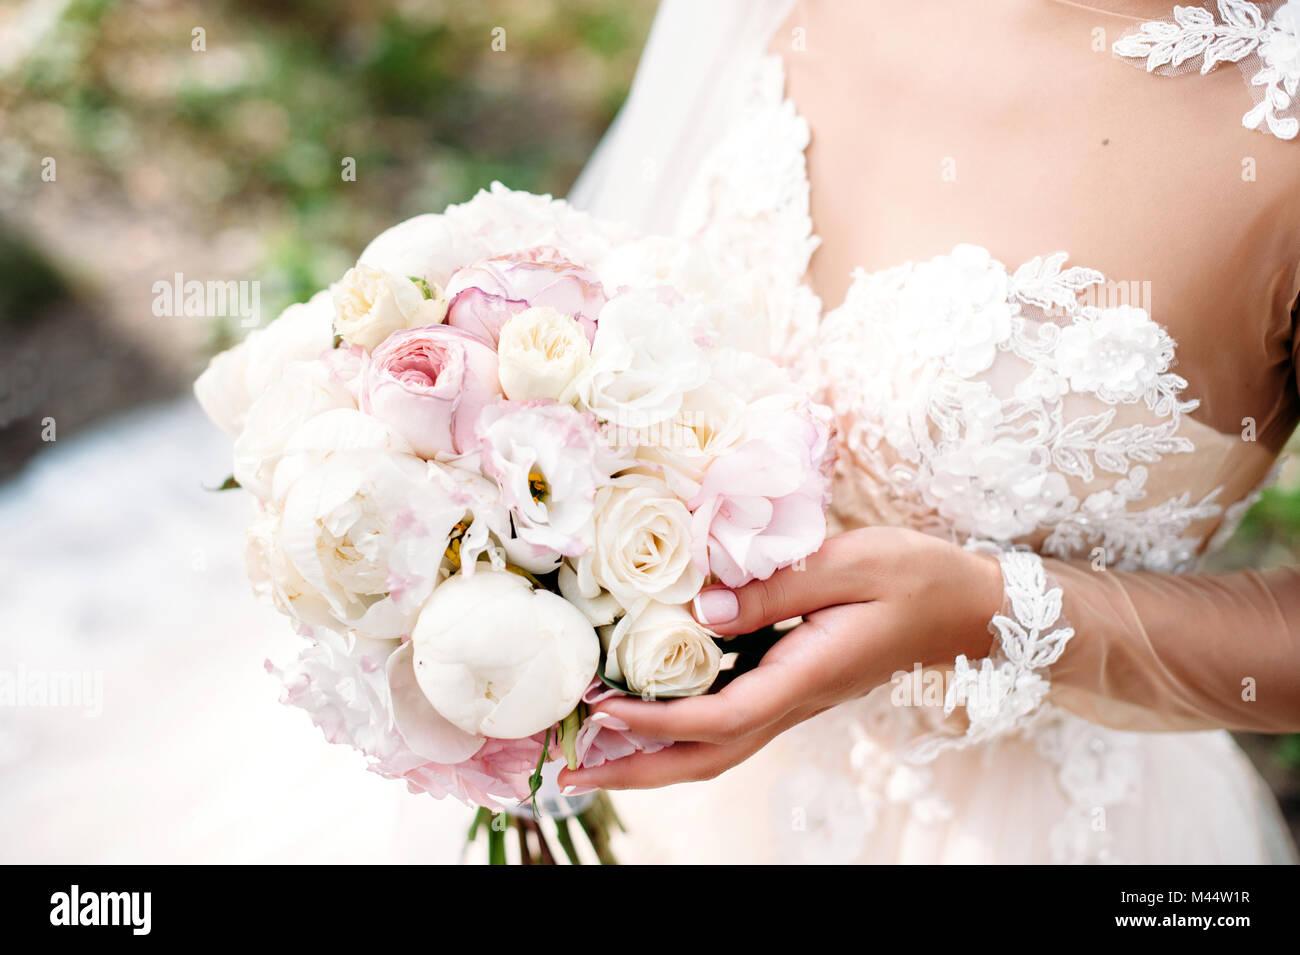 Sposa matrimonio holding peonia bouquet nelle vostre mani. Bianco e fiori di colore rosa. Close-up Foto Stock